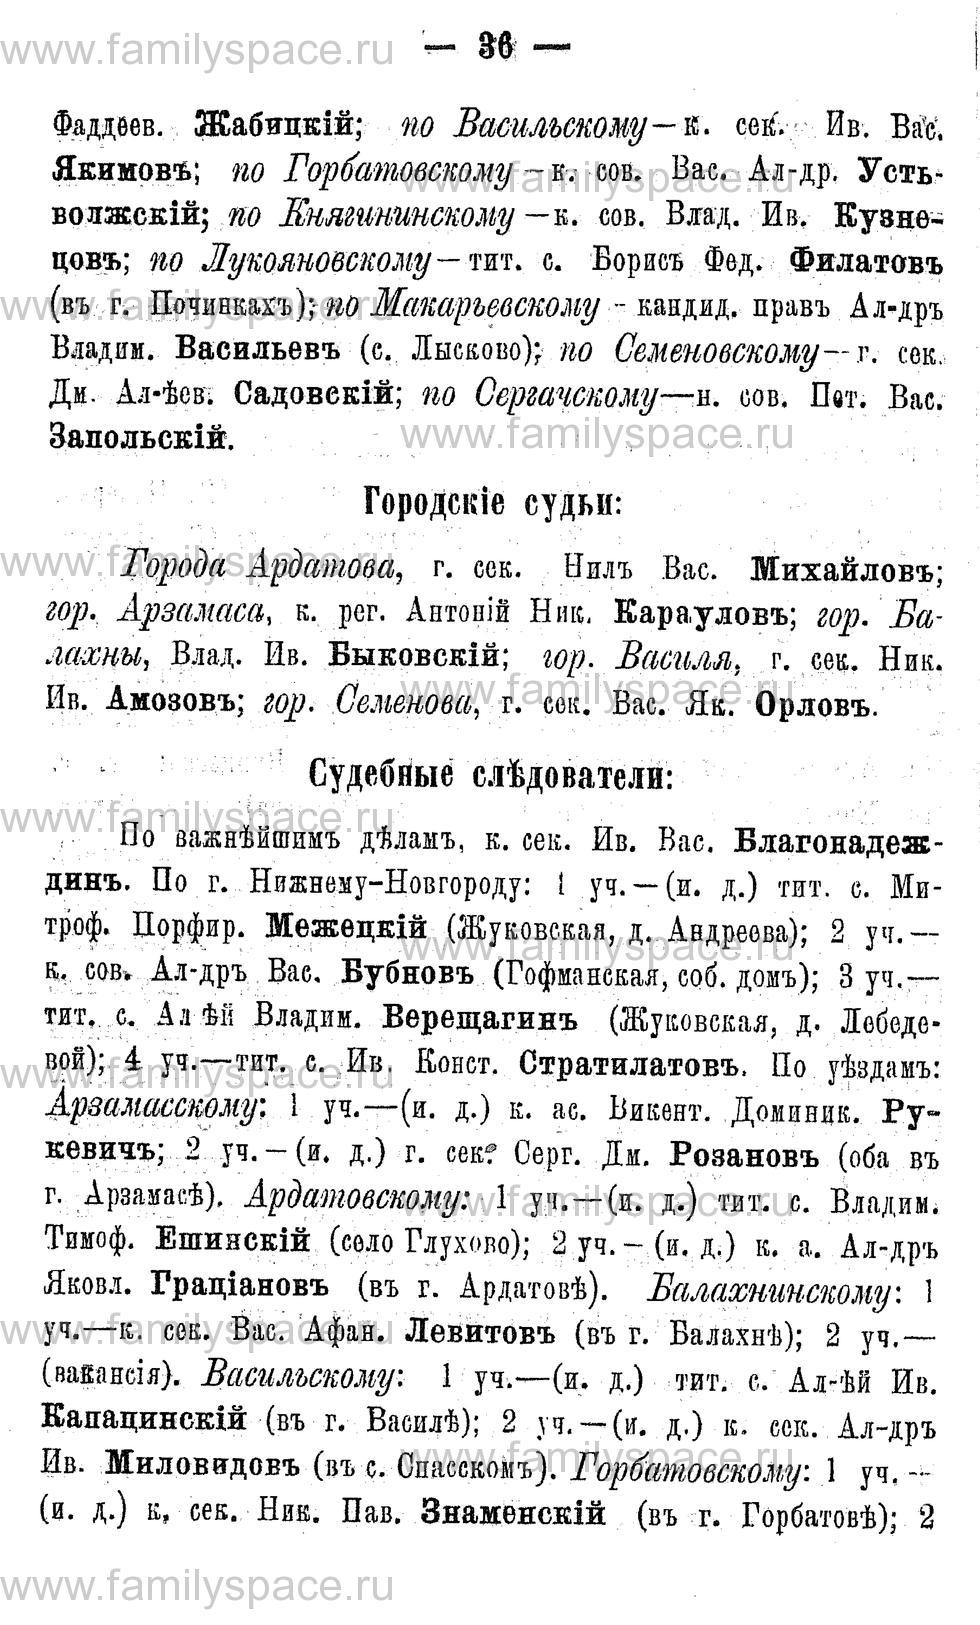 Поиск по фамилии - Адрес-календарь Нижегородской губернии на 1891 год, страница 36